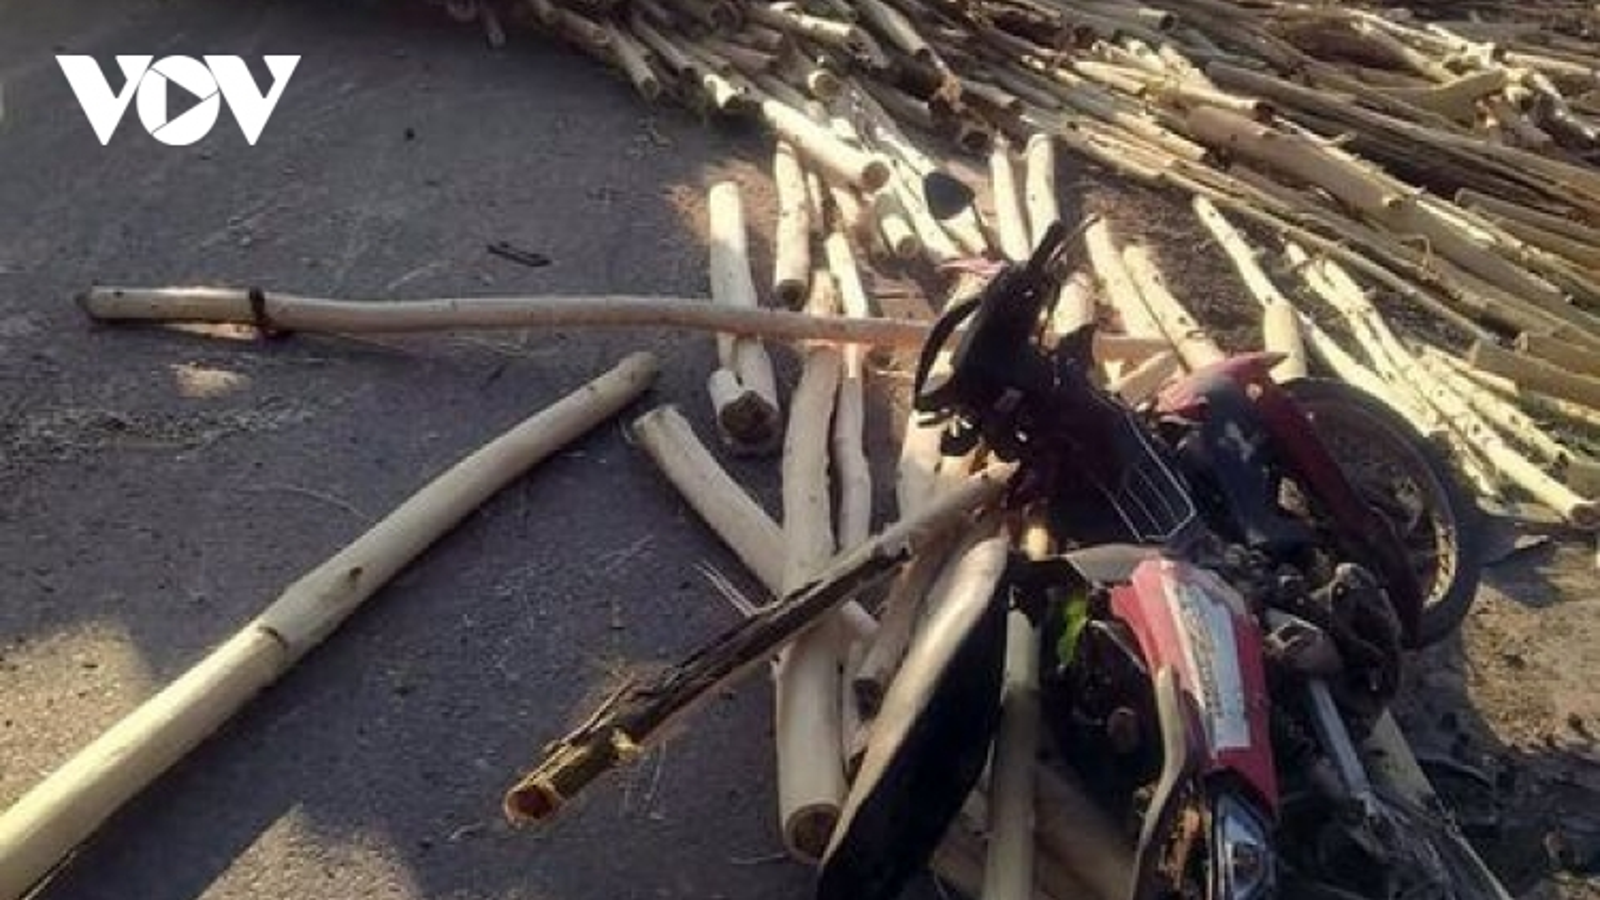 Lật xe tải chở gỗ khiến một người bị thương nặng